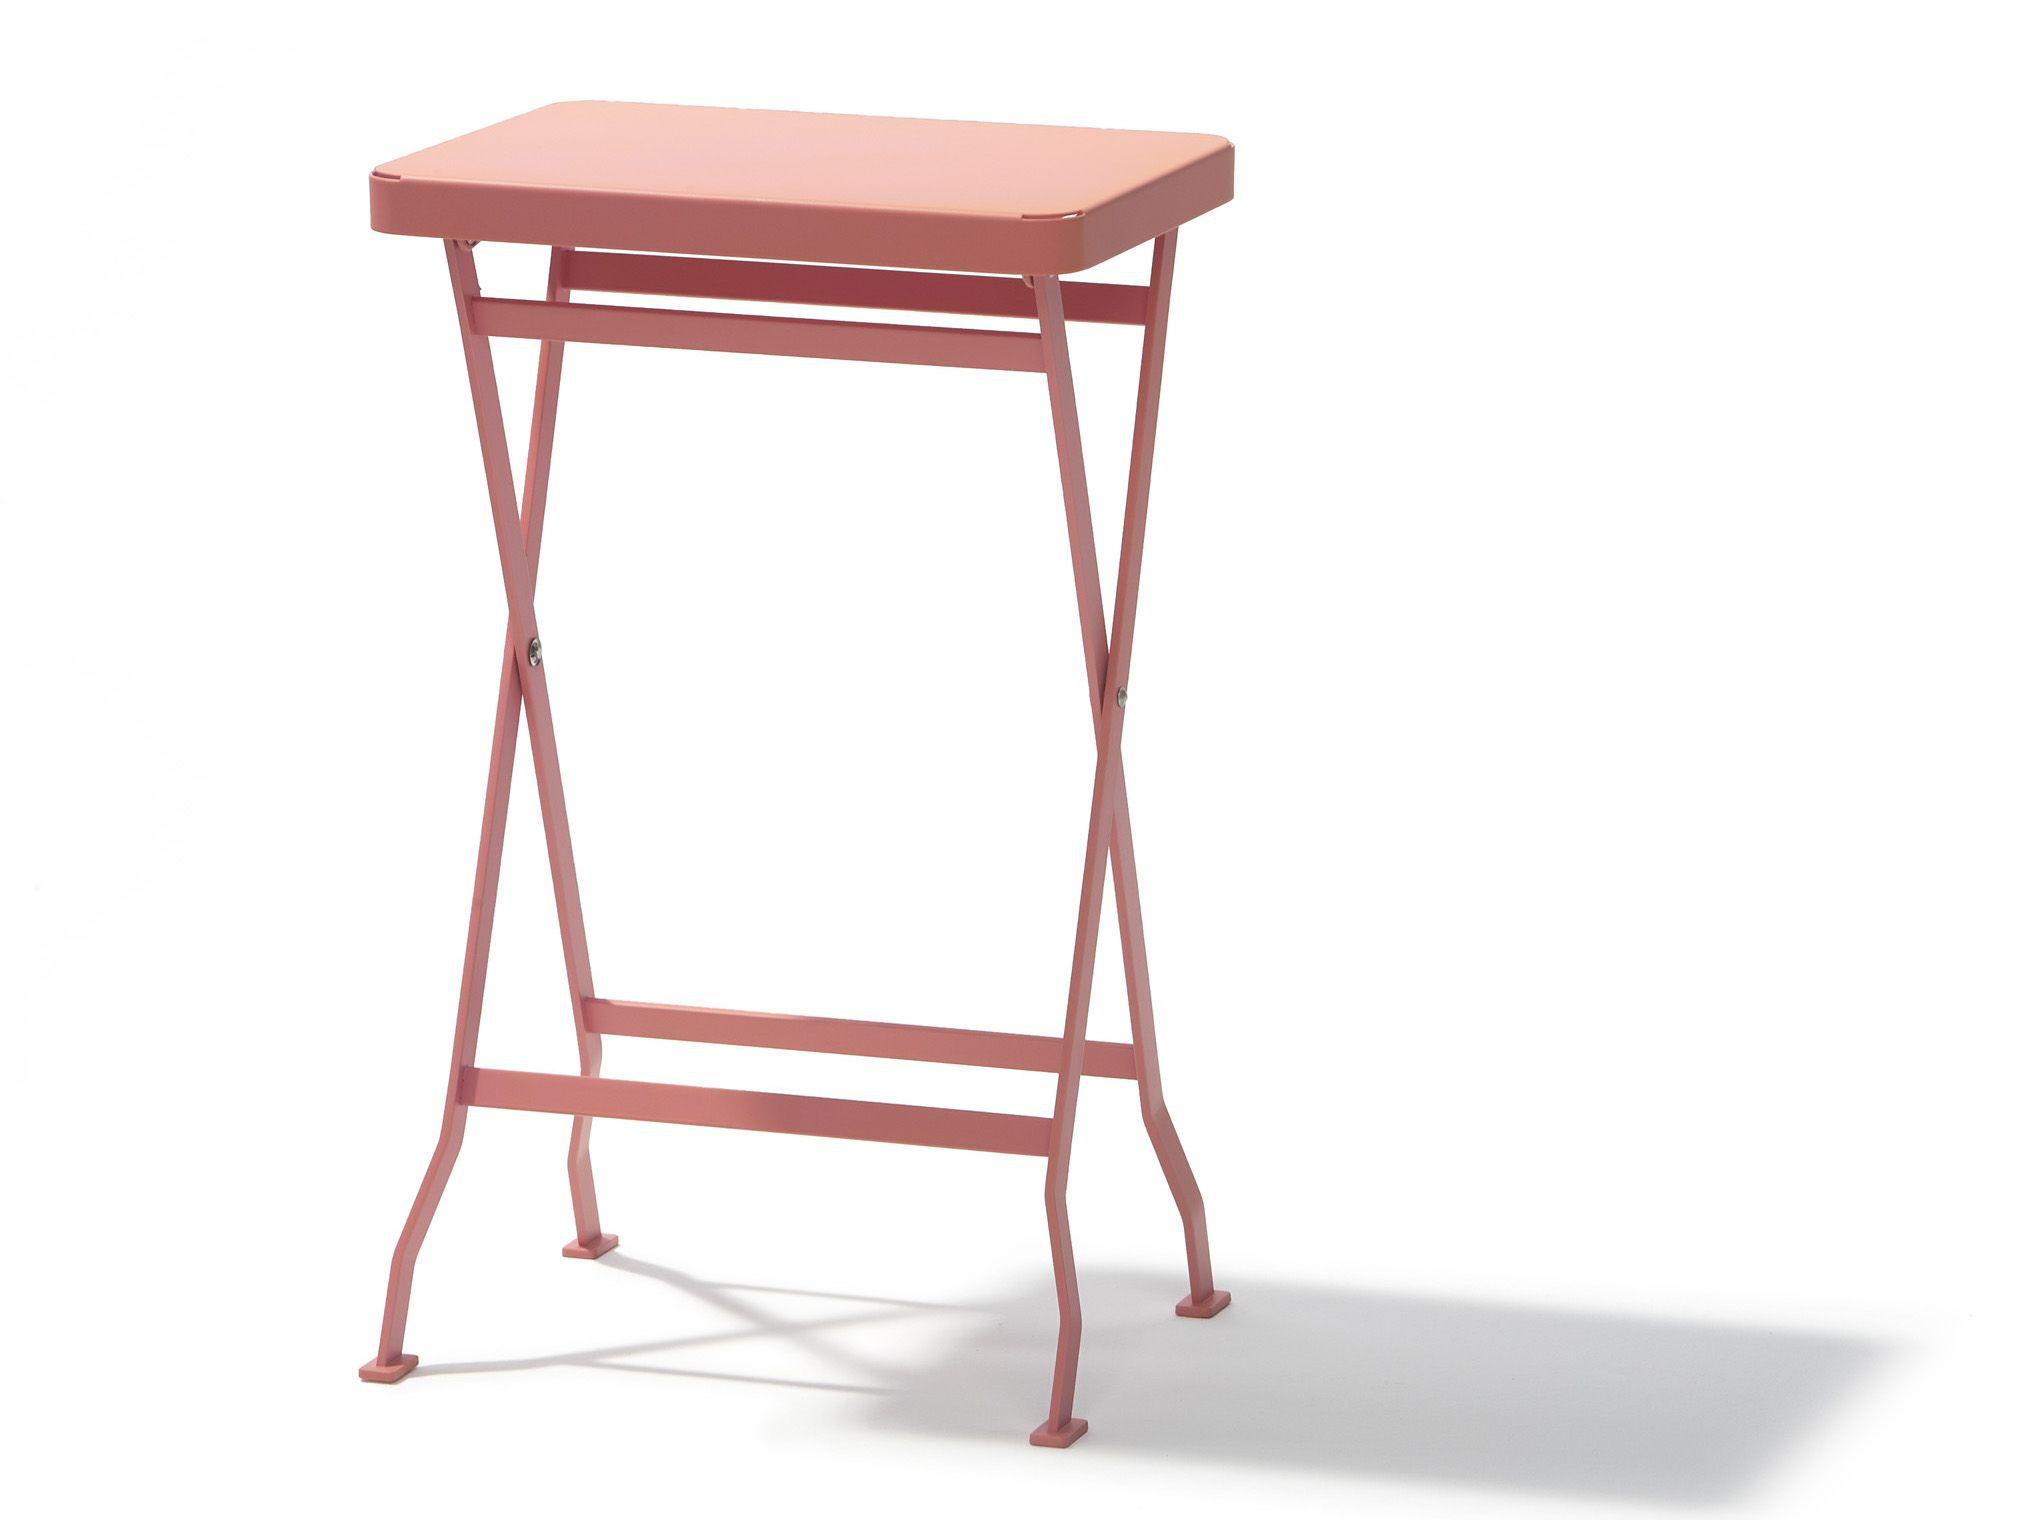 Table d 39 appoint de jardin pliante flip by richard lampert - Table d appoint pliante ...